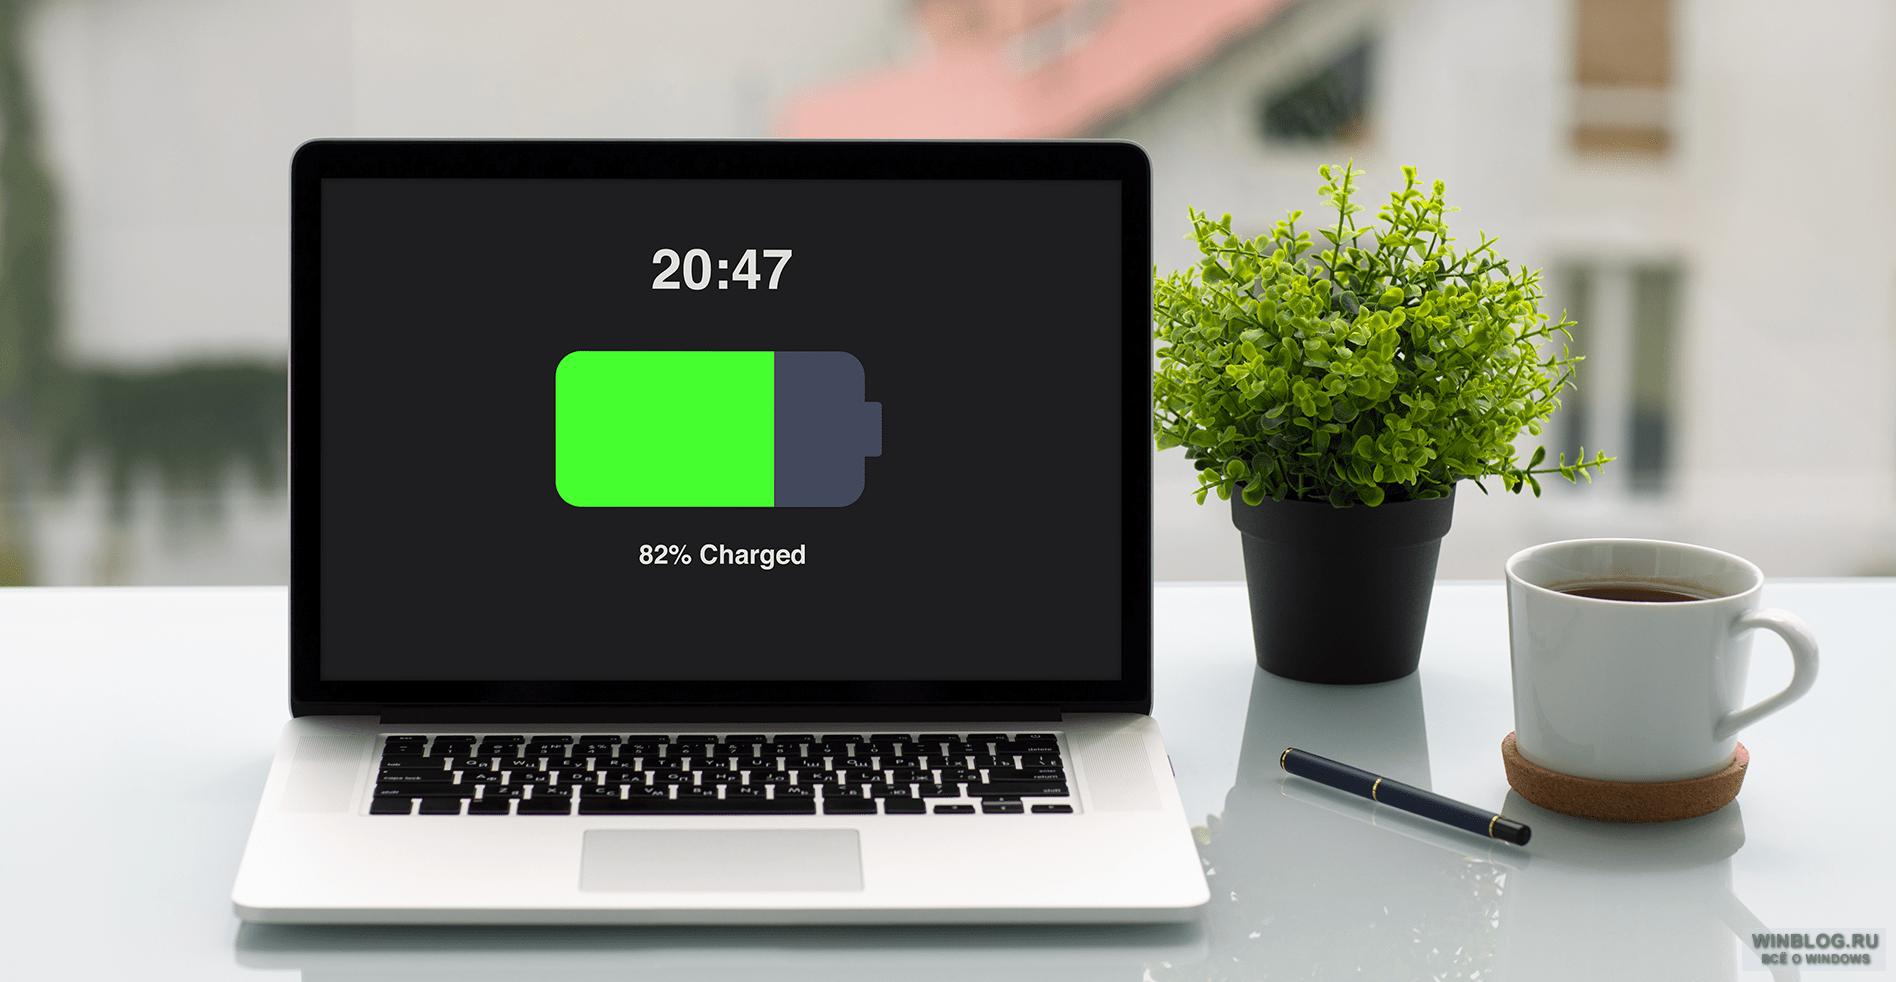 увеличение времени автономной работы ноутбука